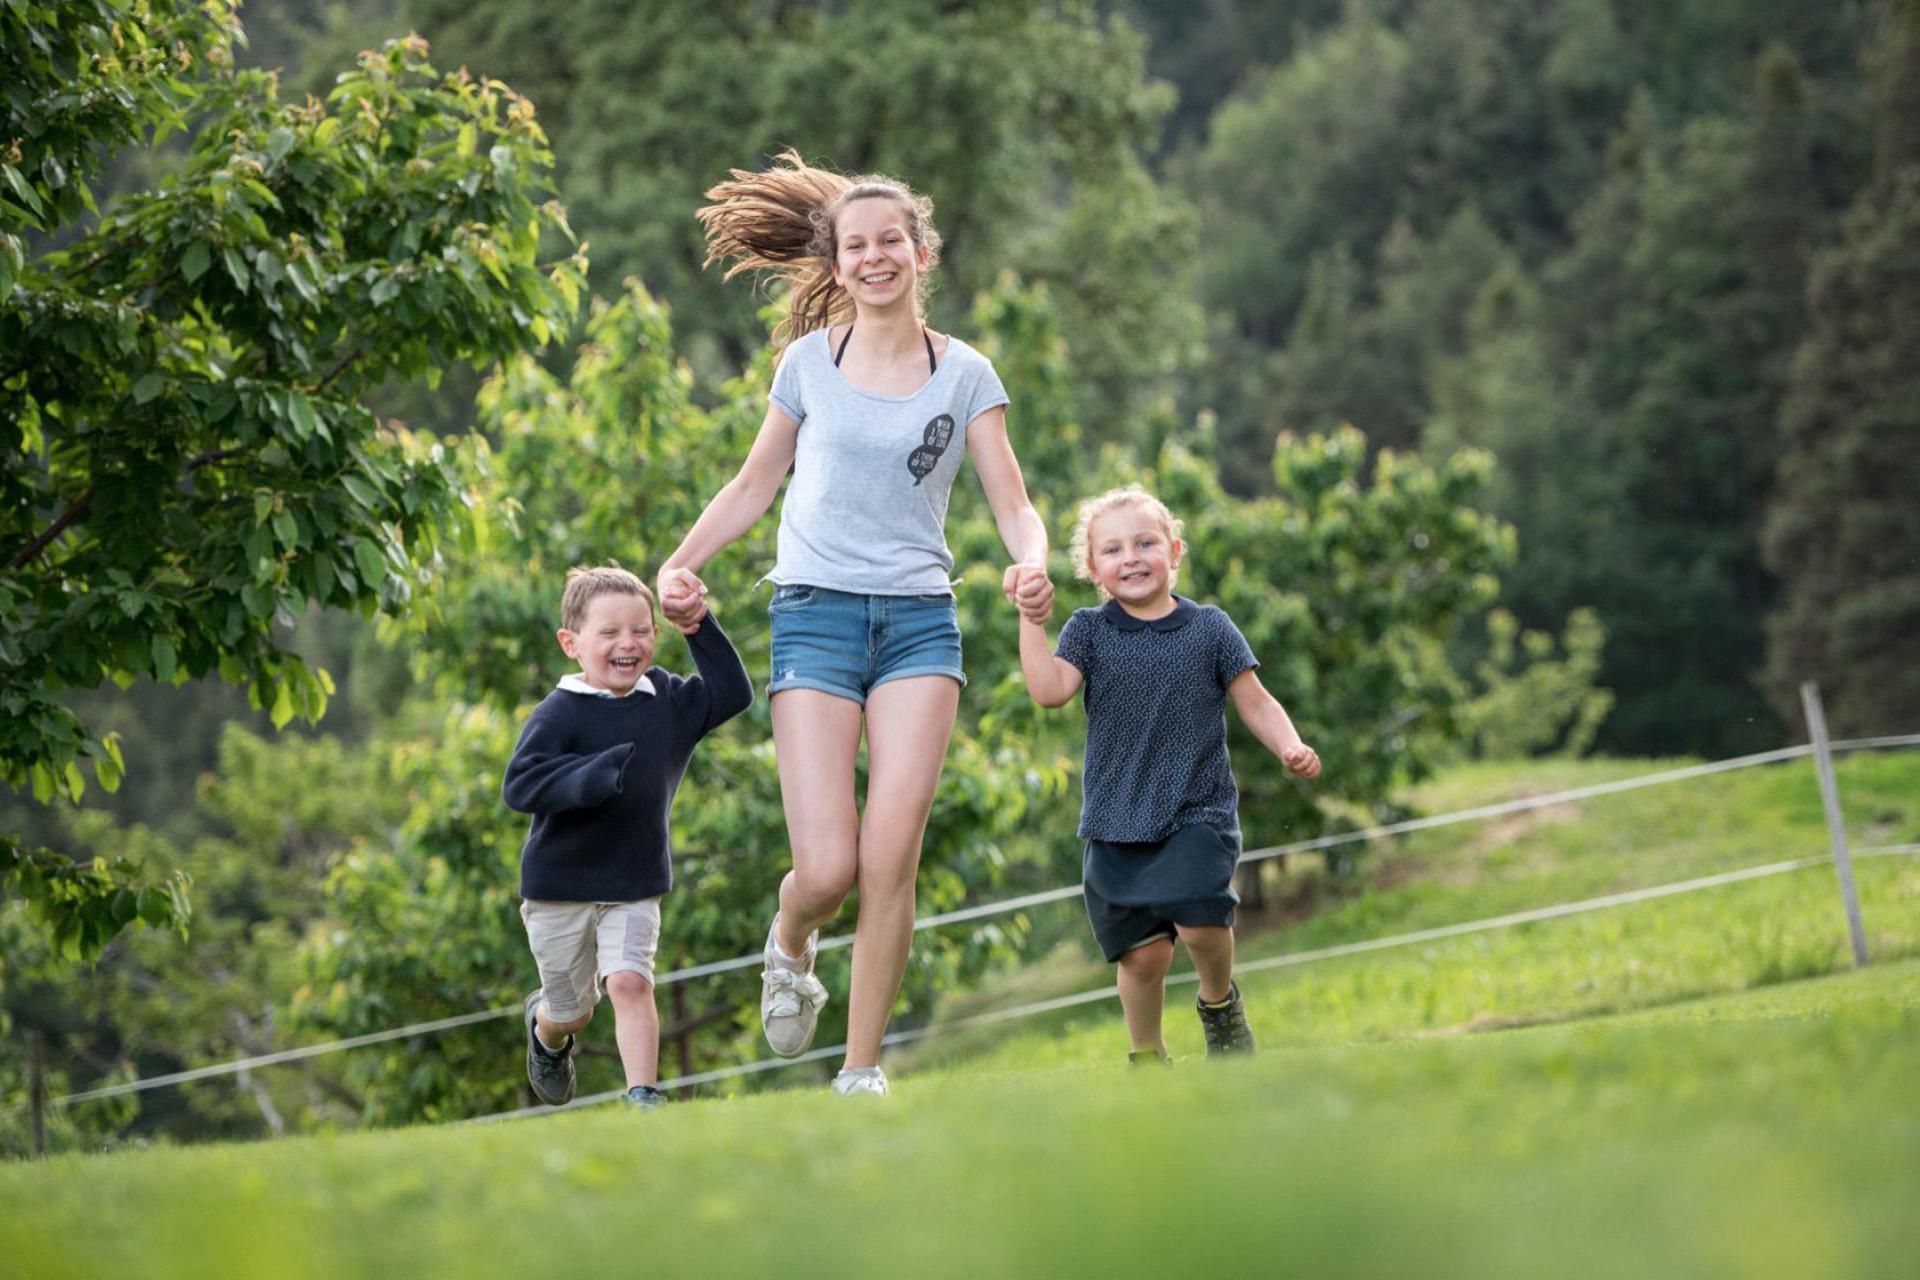 Agriturismo Dolomieten Luxe agriturismo met B&B kamers en Sudtiroler gastvrijheid